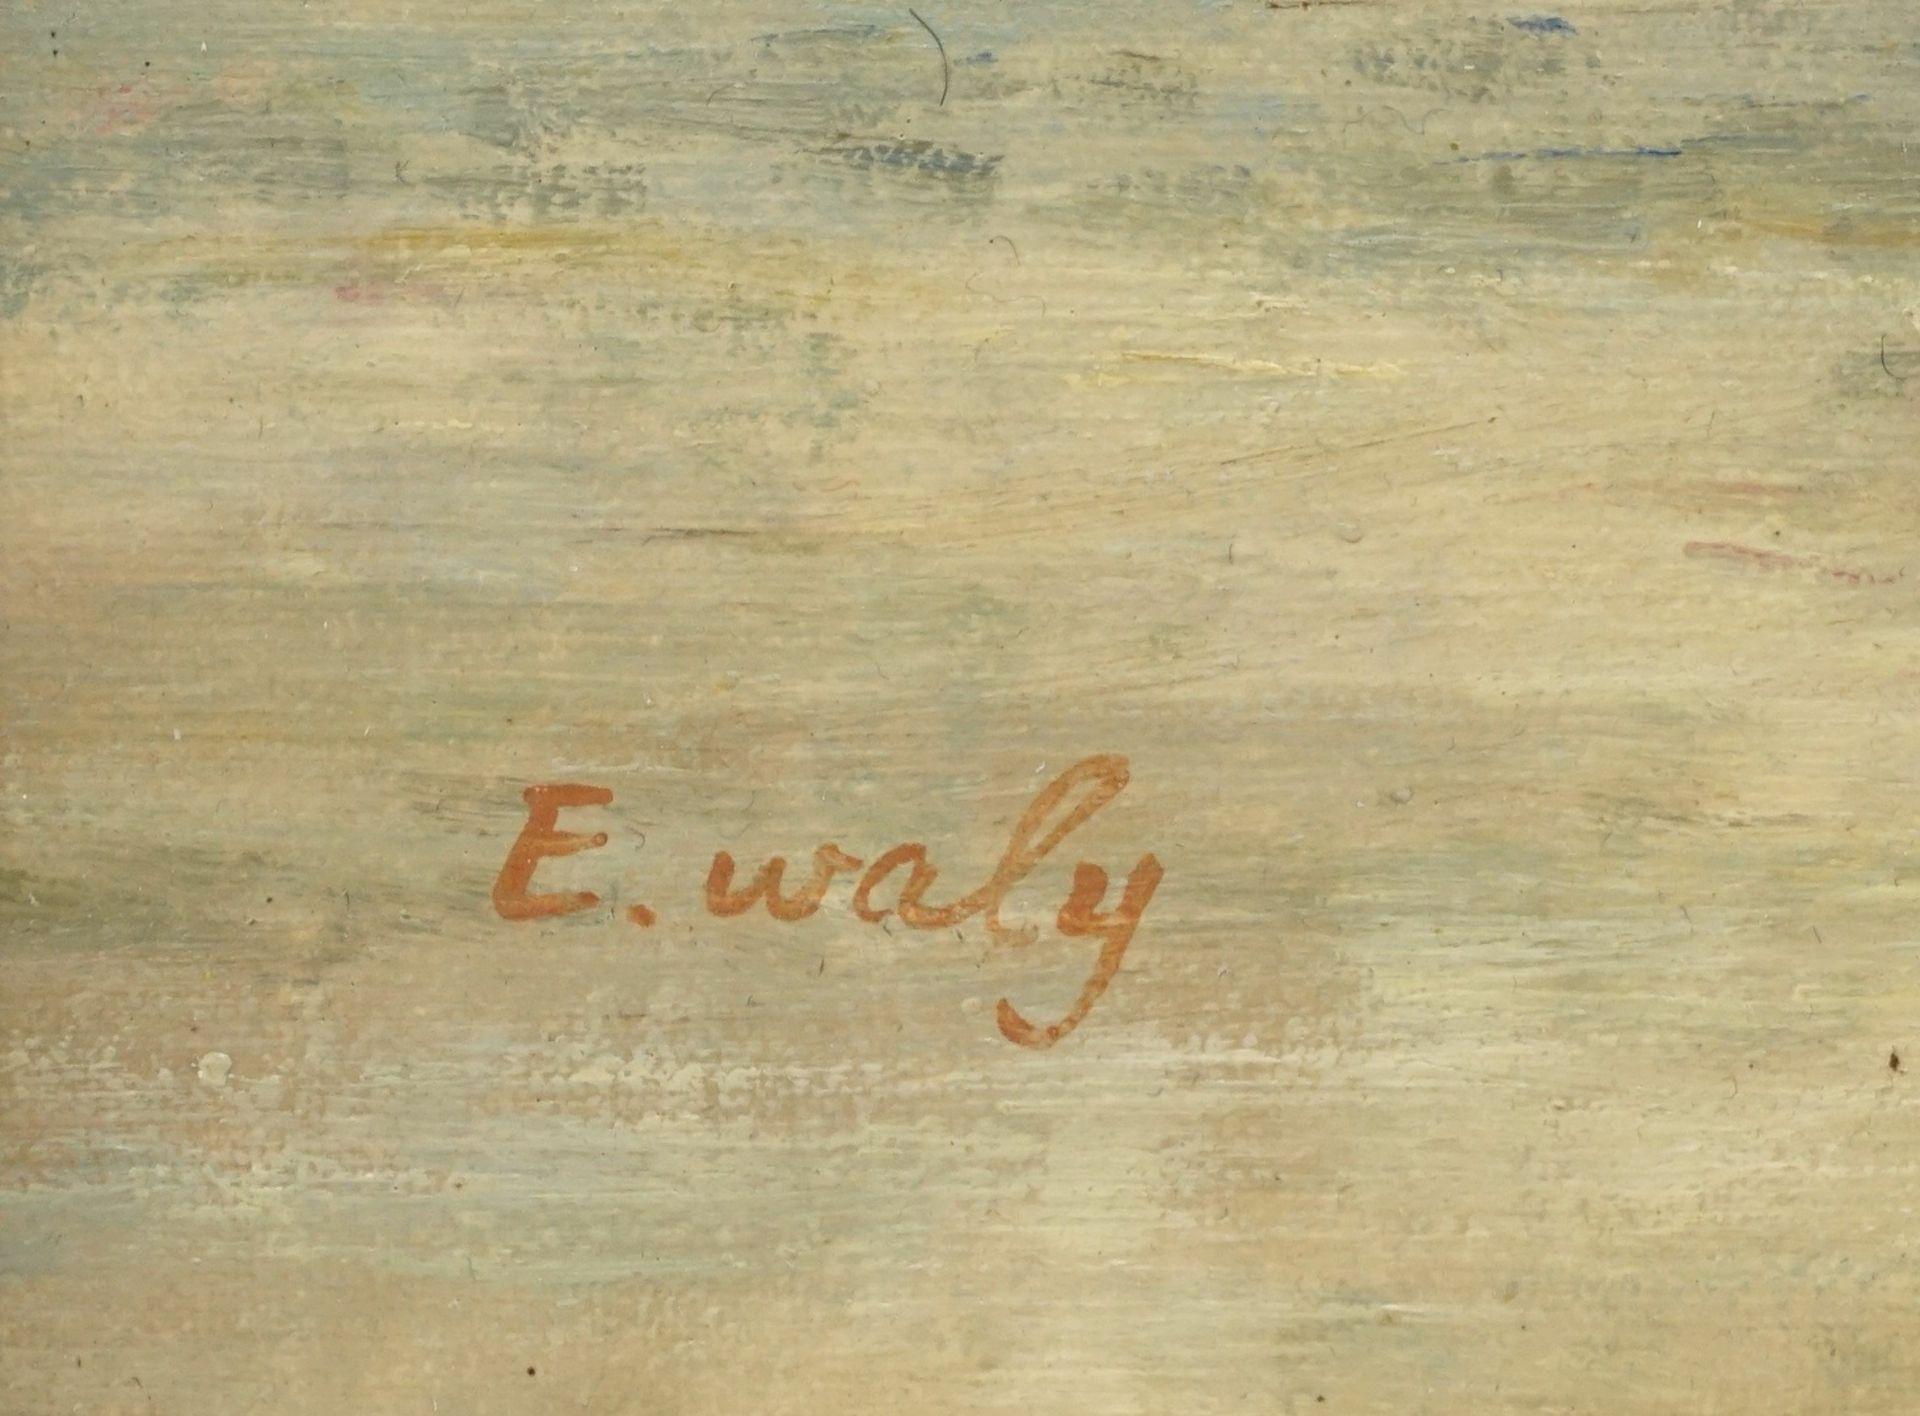 E. Waly, Heuernte am See - Bild 4 aus 4